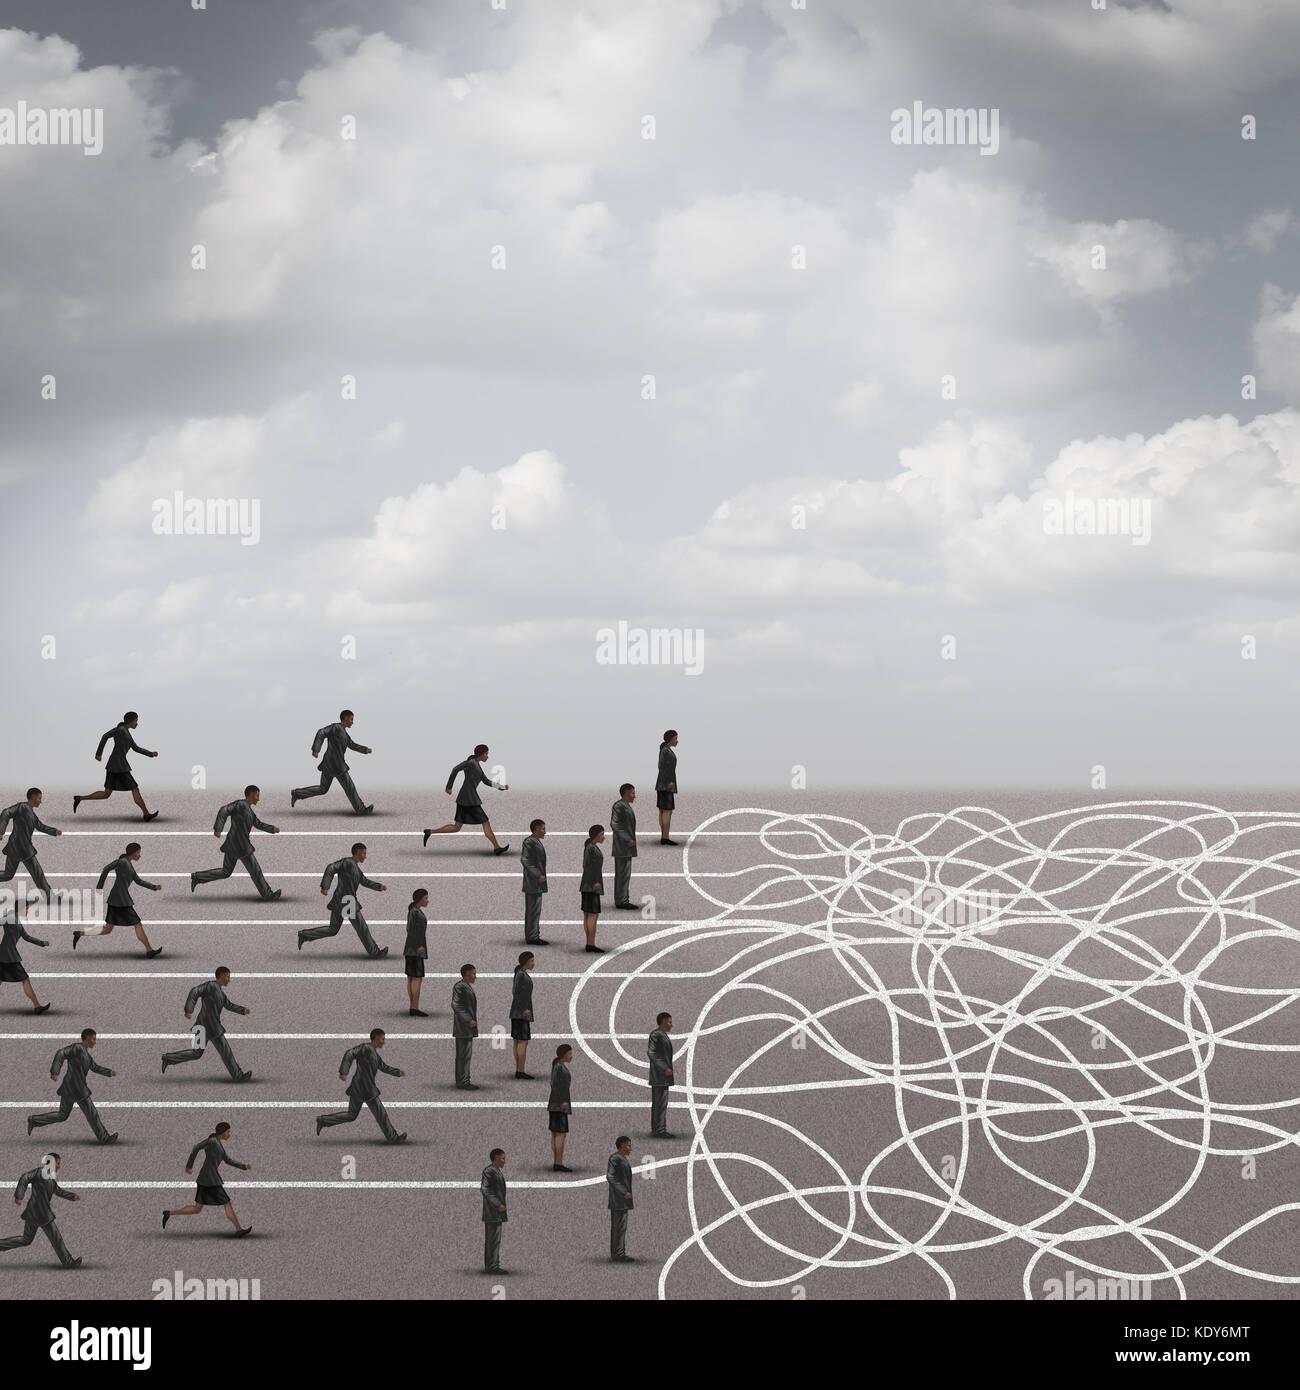 Schwierige Wahl Krise Konzept in einer 3D-Darstellung. Stockbild